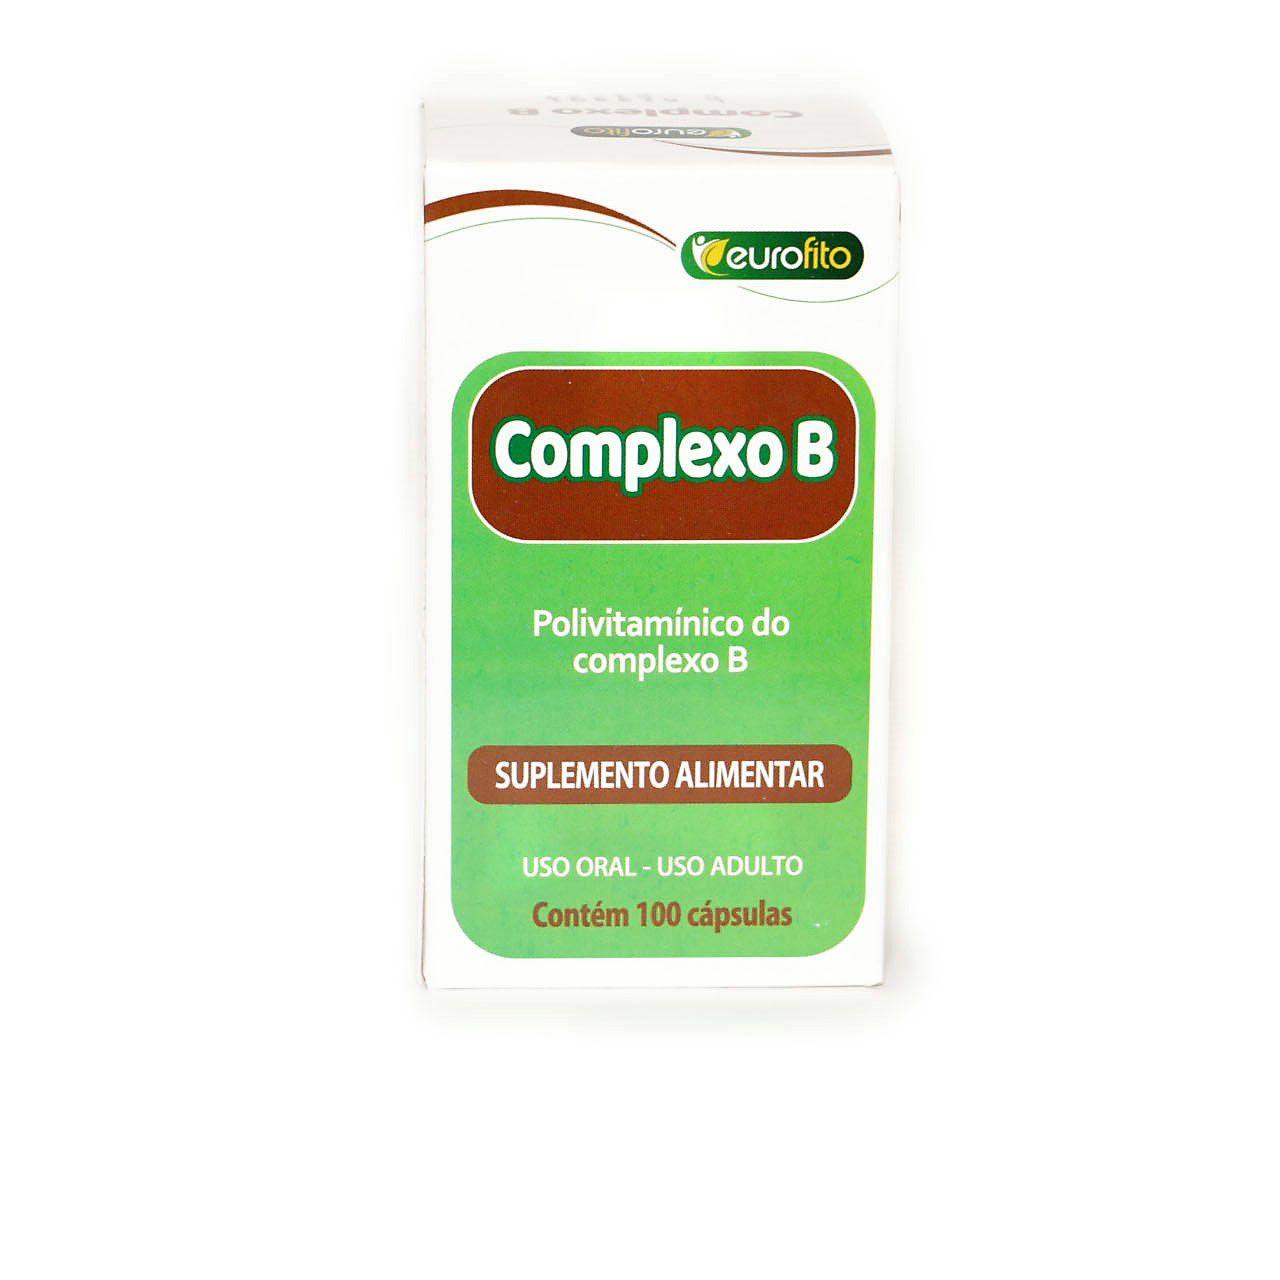 Complexo B 500mg (Concentrado C/ B12) - 100 cápsulas- Eurofito